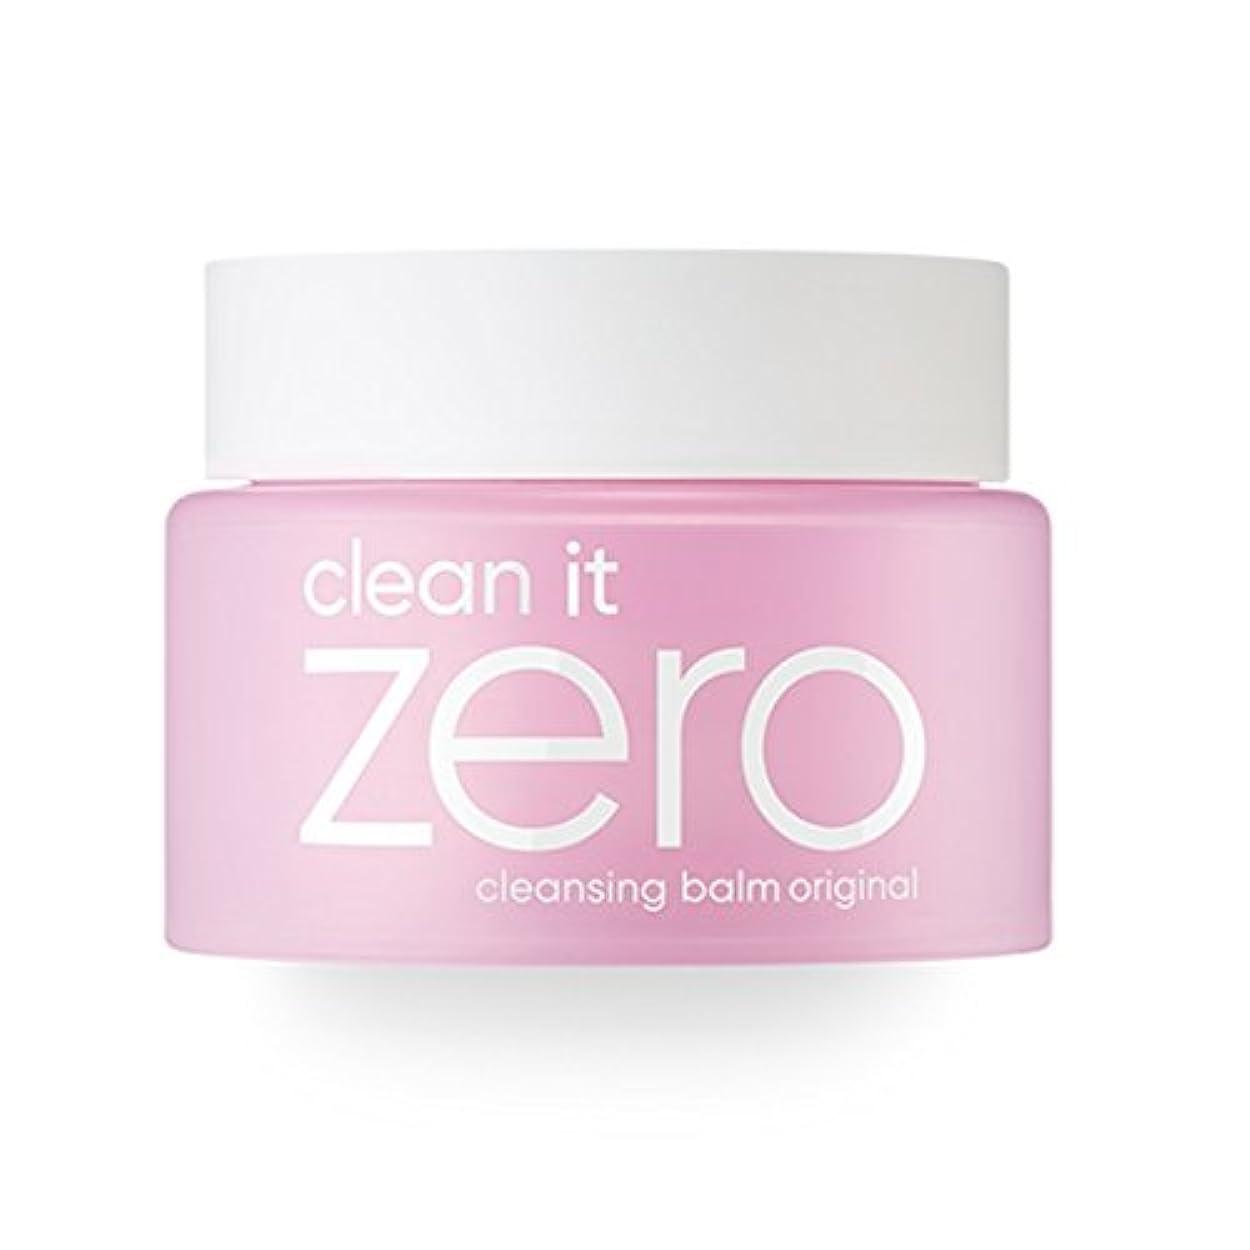 煙突考古学解明するBanila.co クリーン イット ゼロ クレンジングバーム オリジナル / Clean it Zero Cleansing Balm Original (100ml)